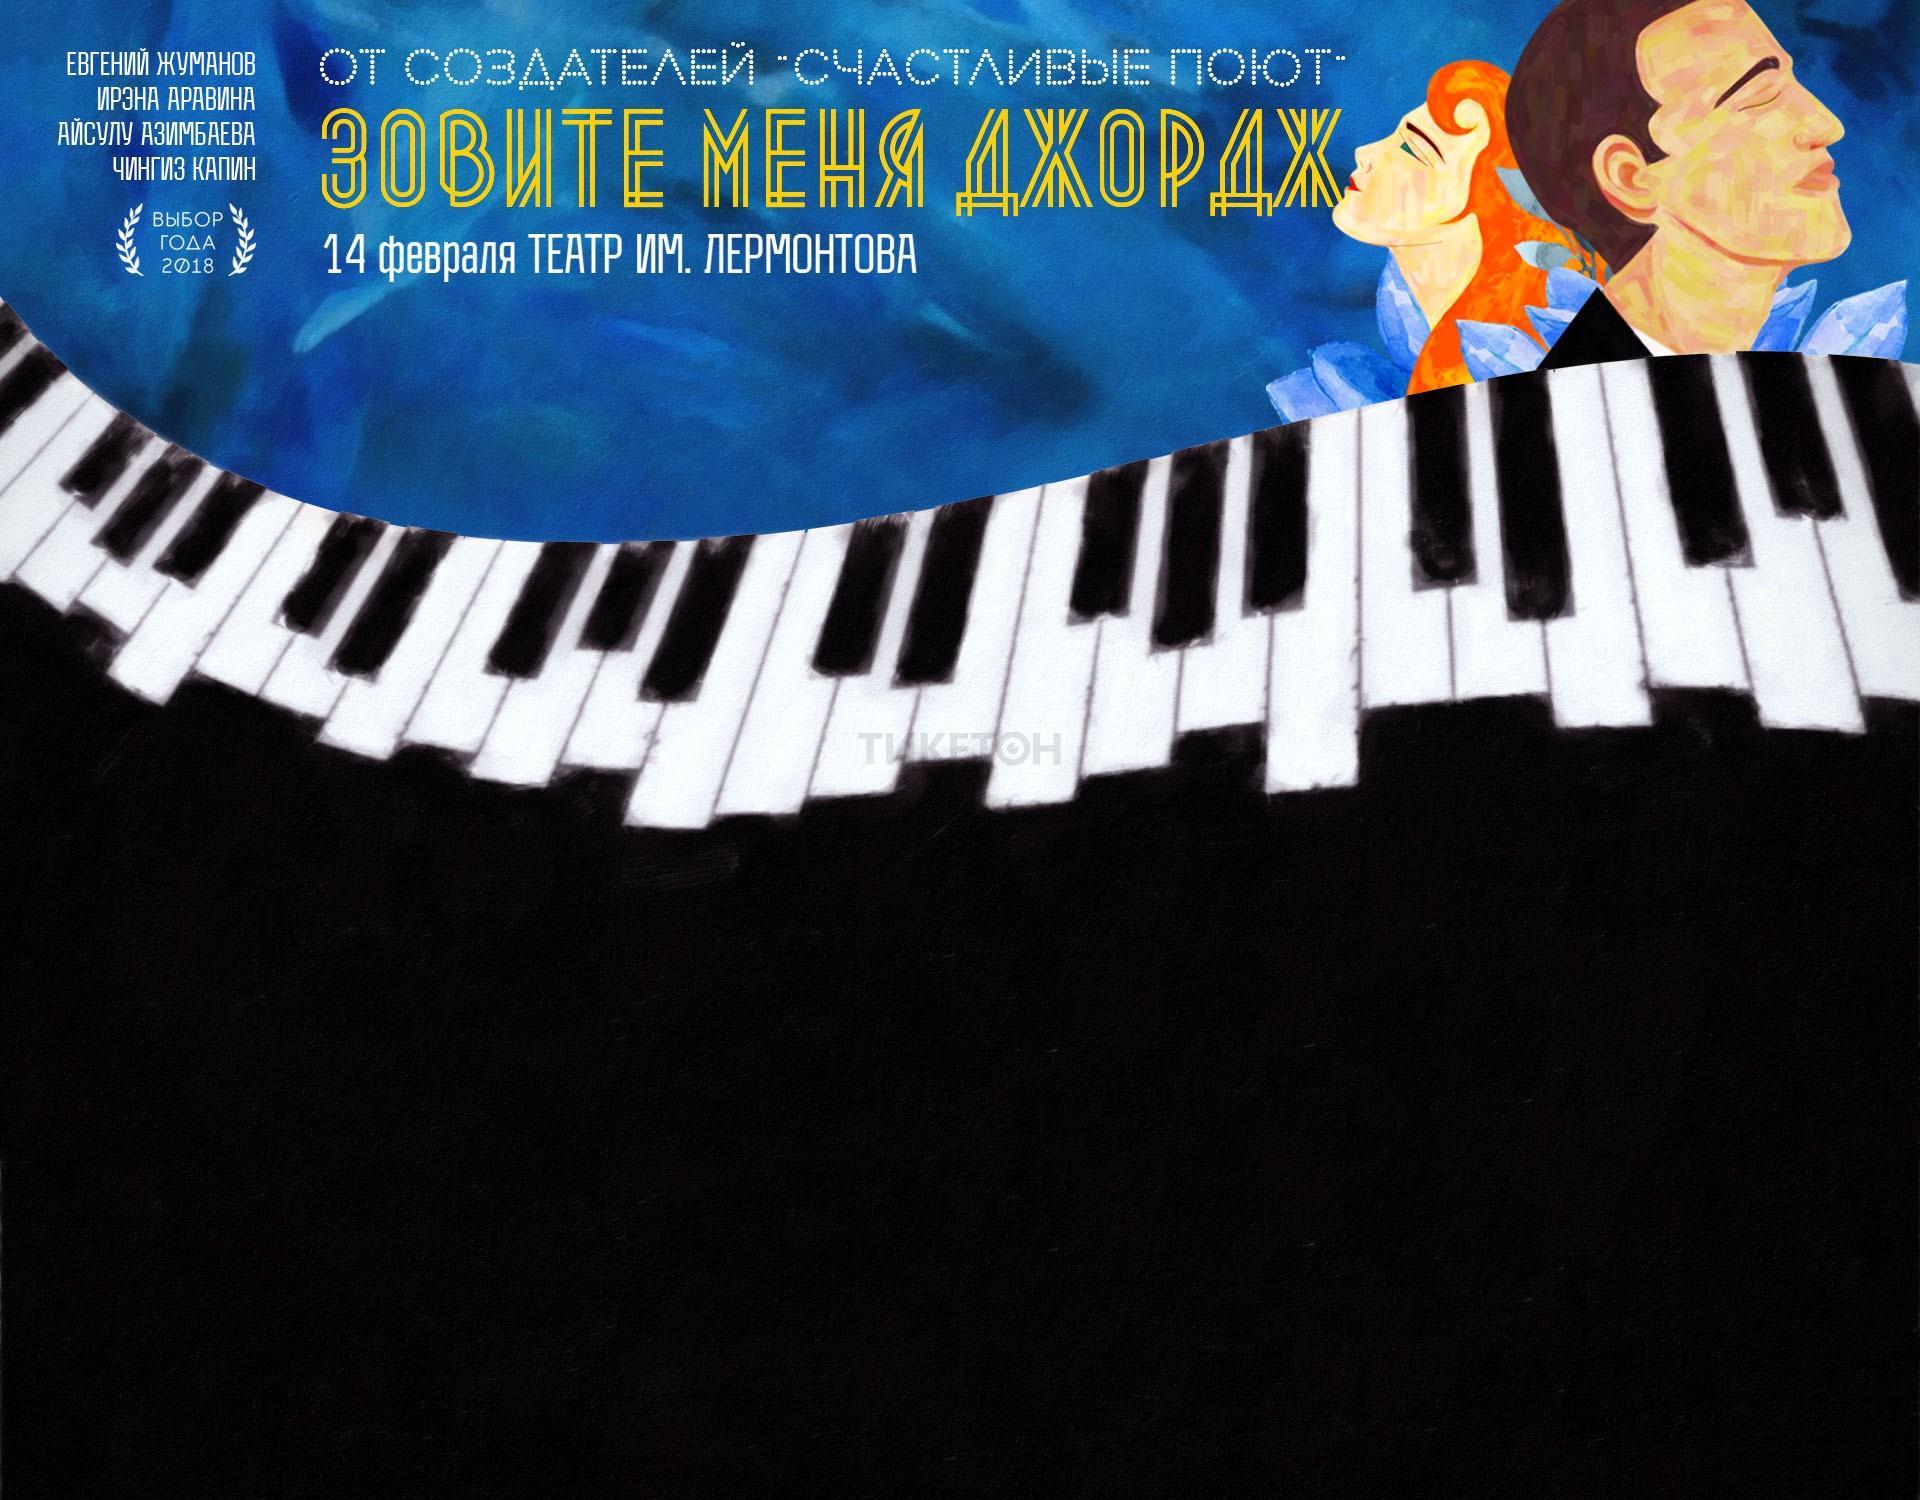 1cc05dc9b8d2 Бег времени (AstanaOpera) - Система онлайн-покупки билетов в кино и ...